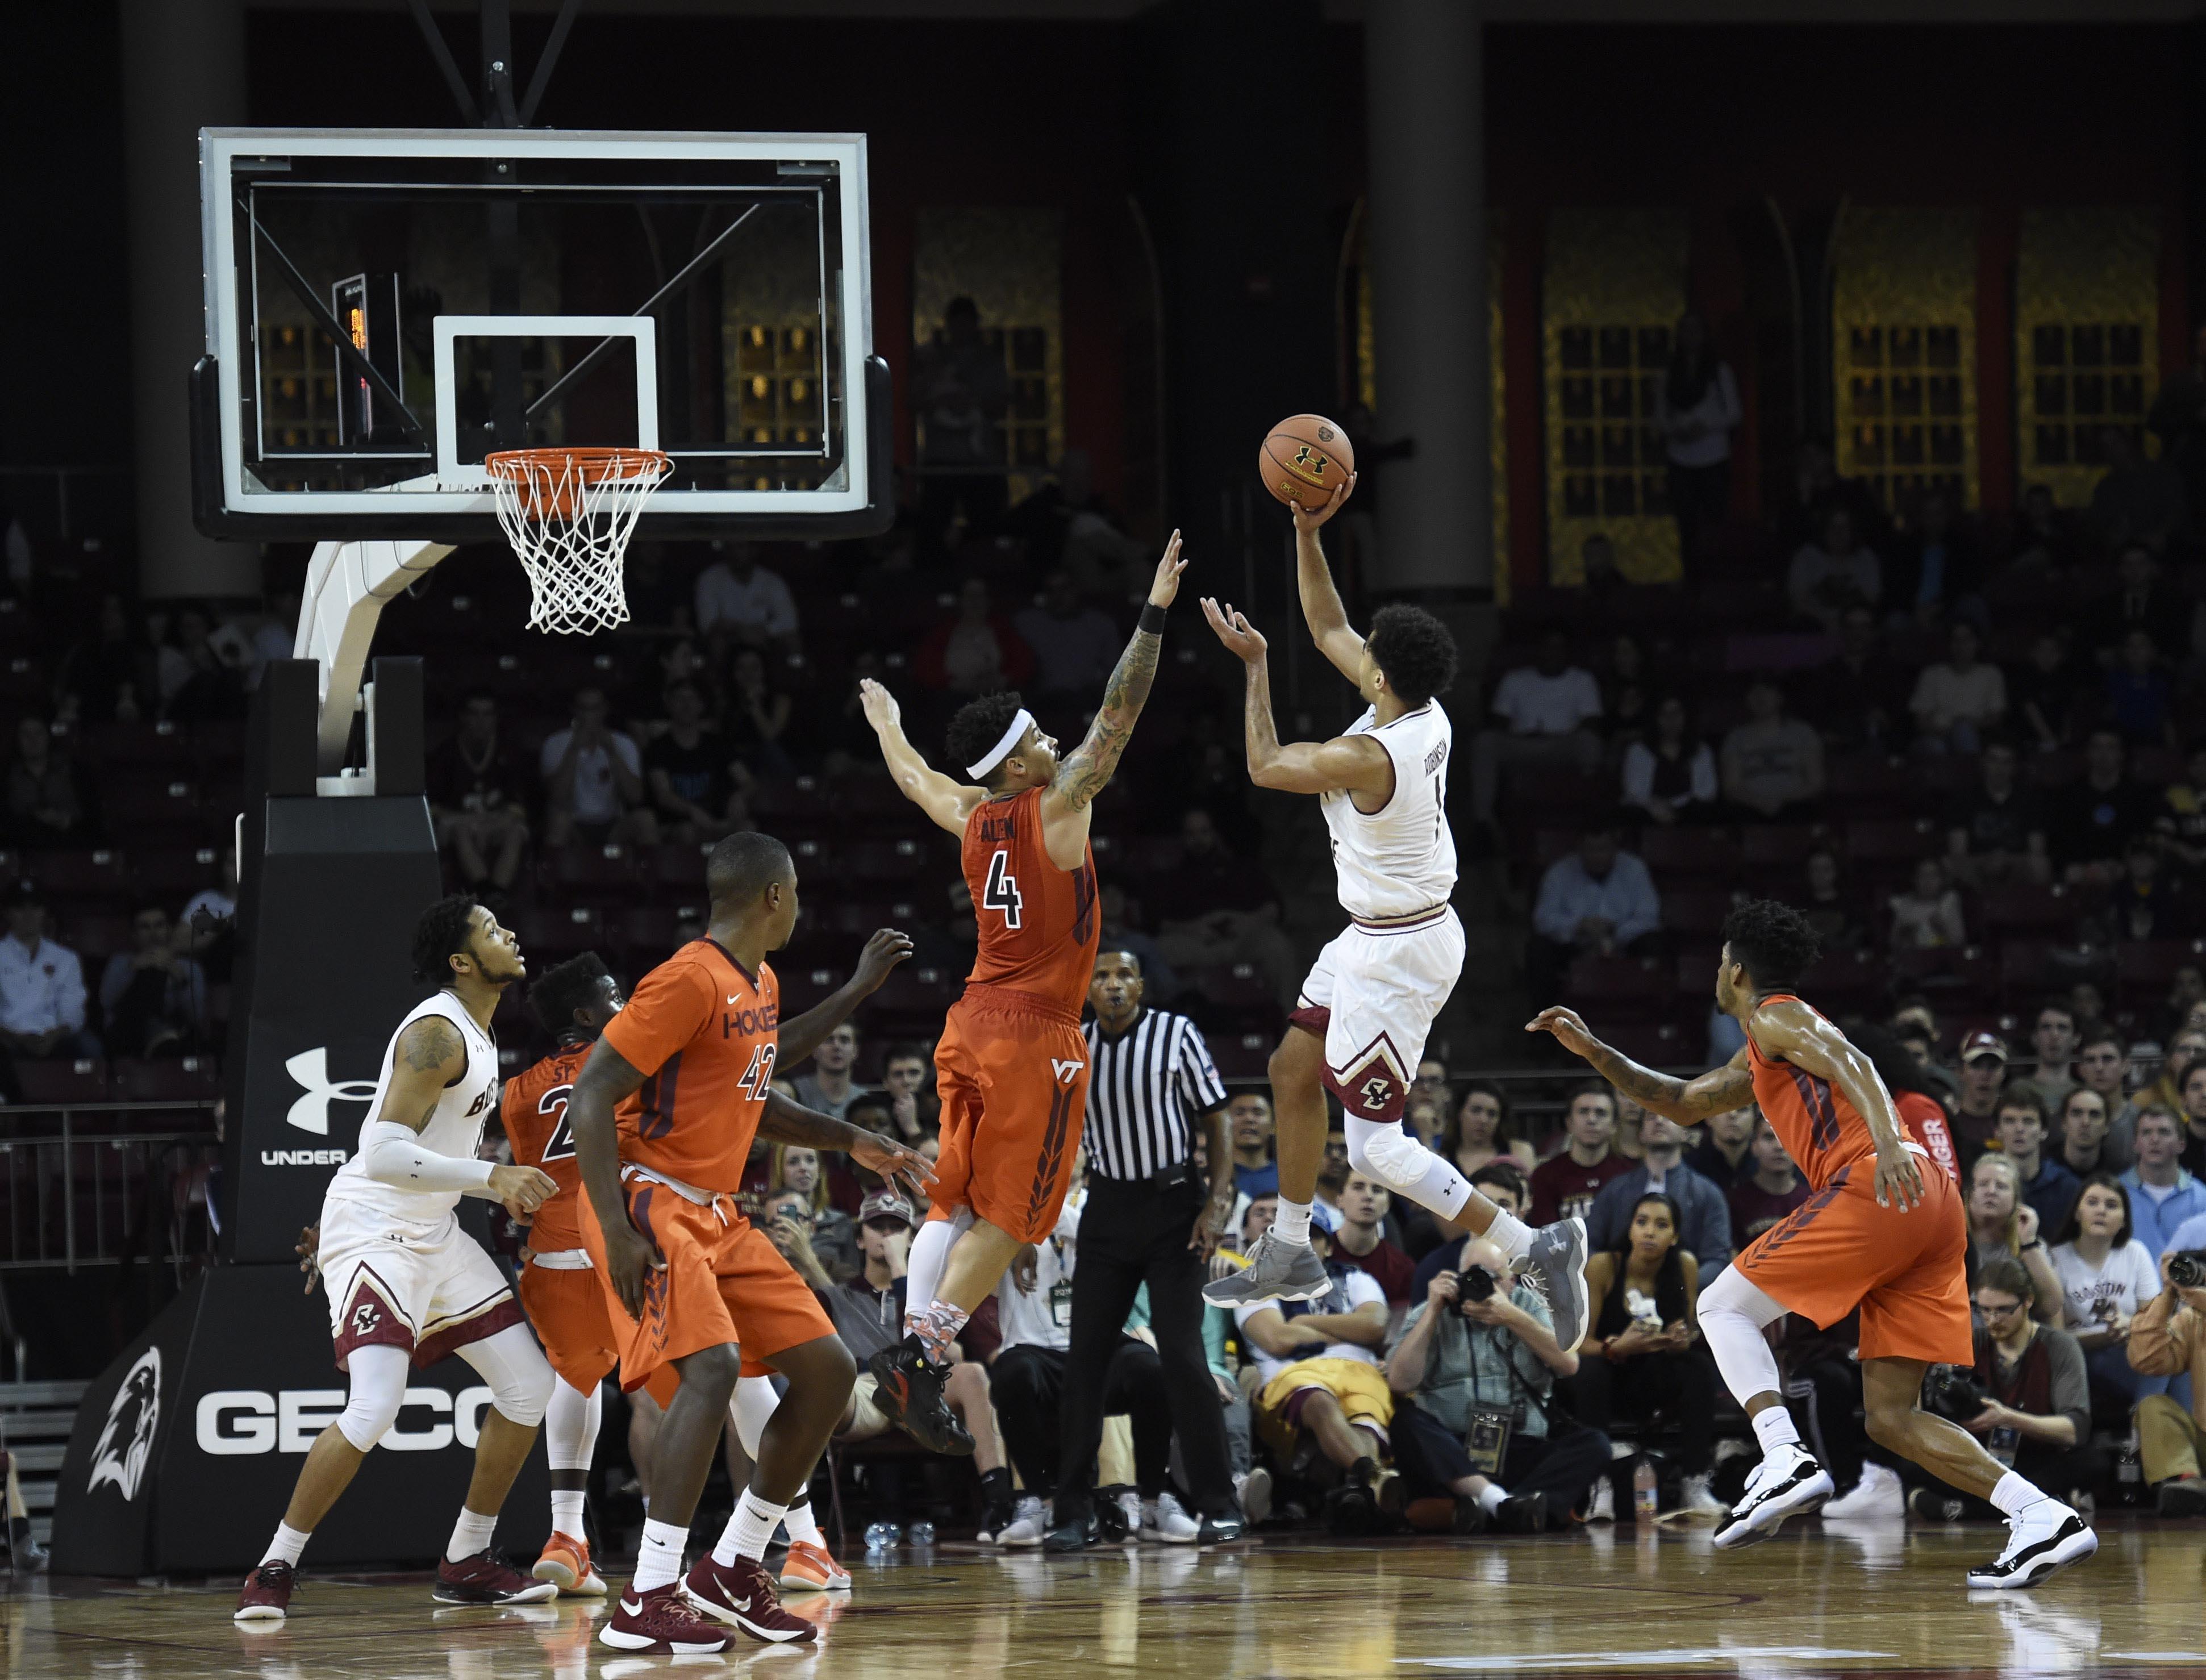 9900072-ncaa-basketball-virginia-tech-at-boston-college